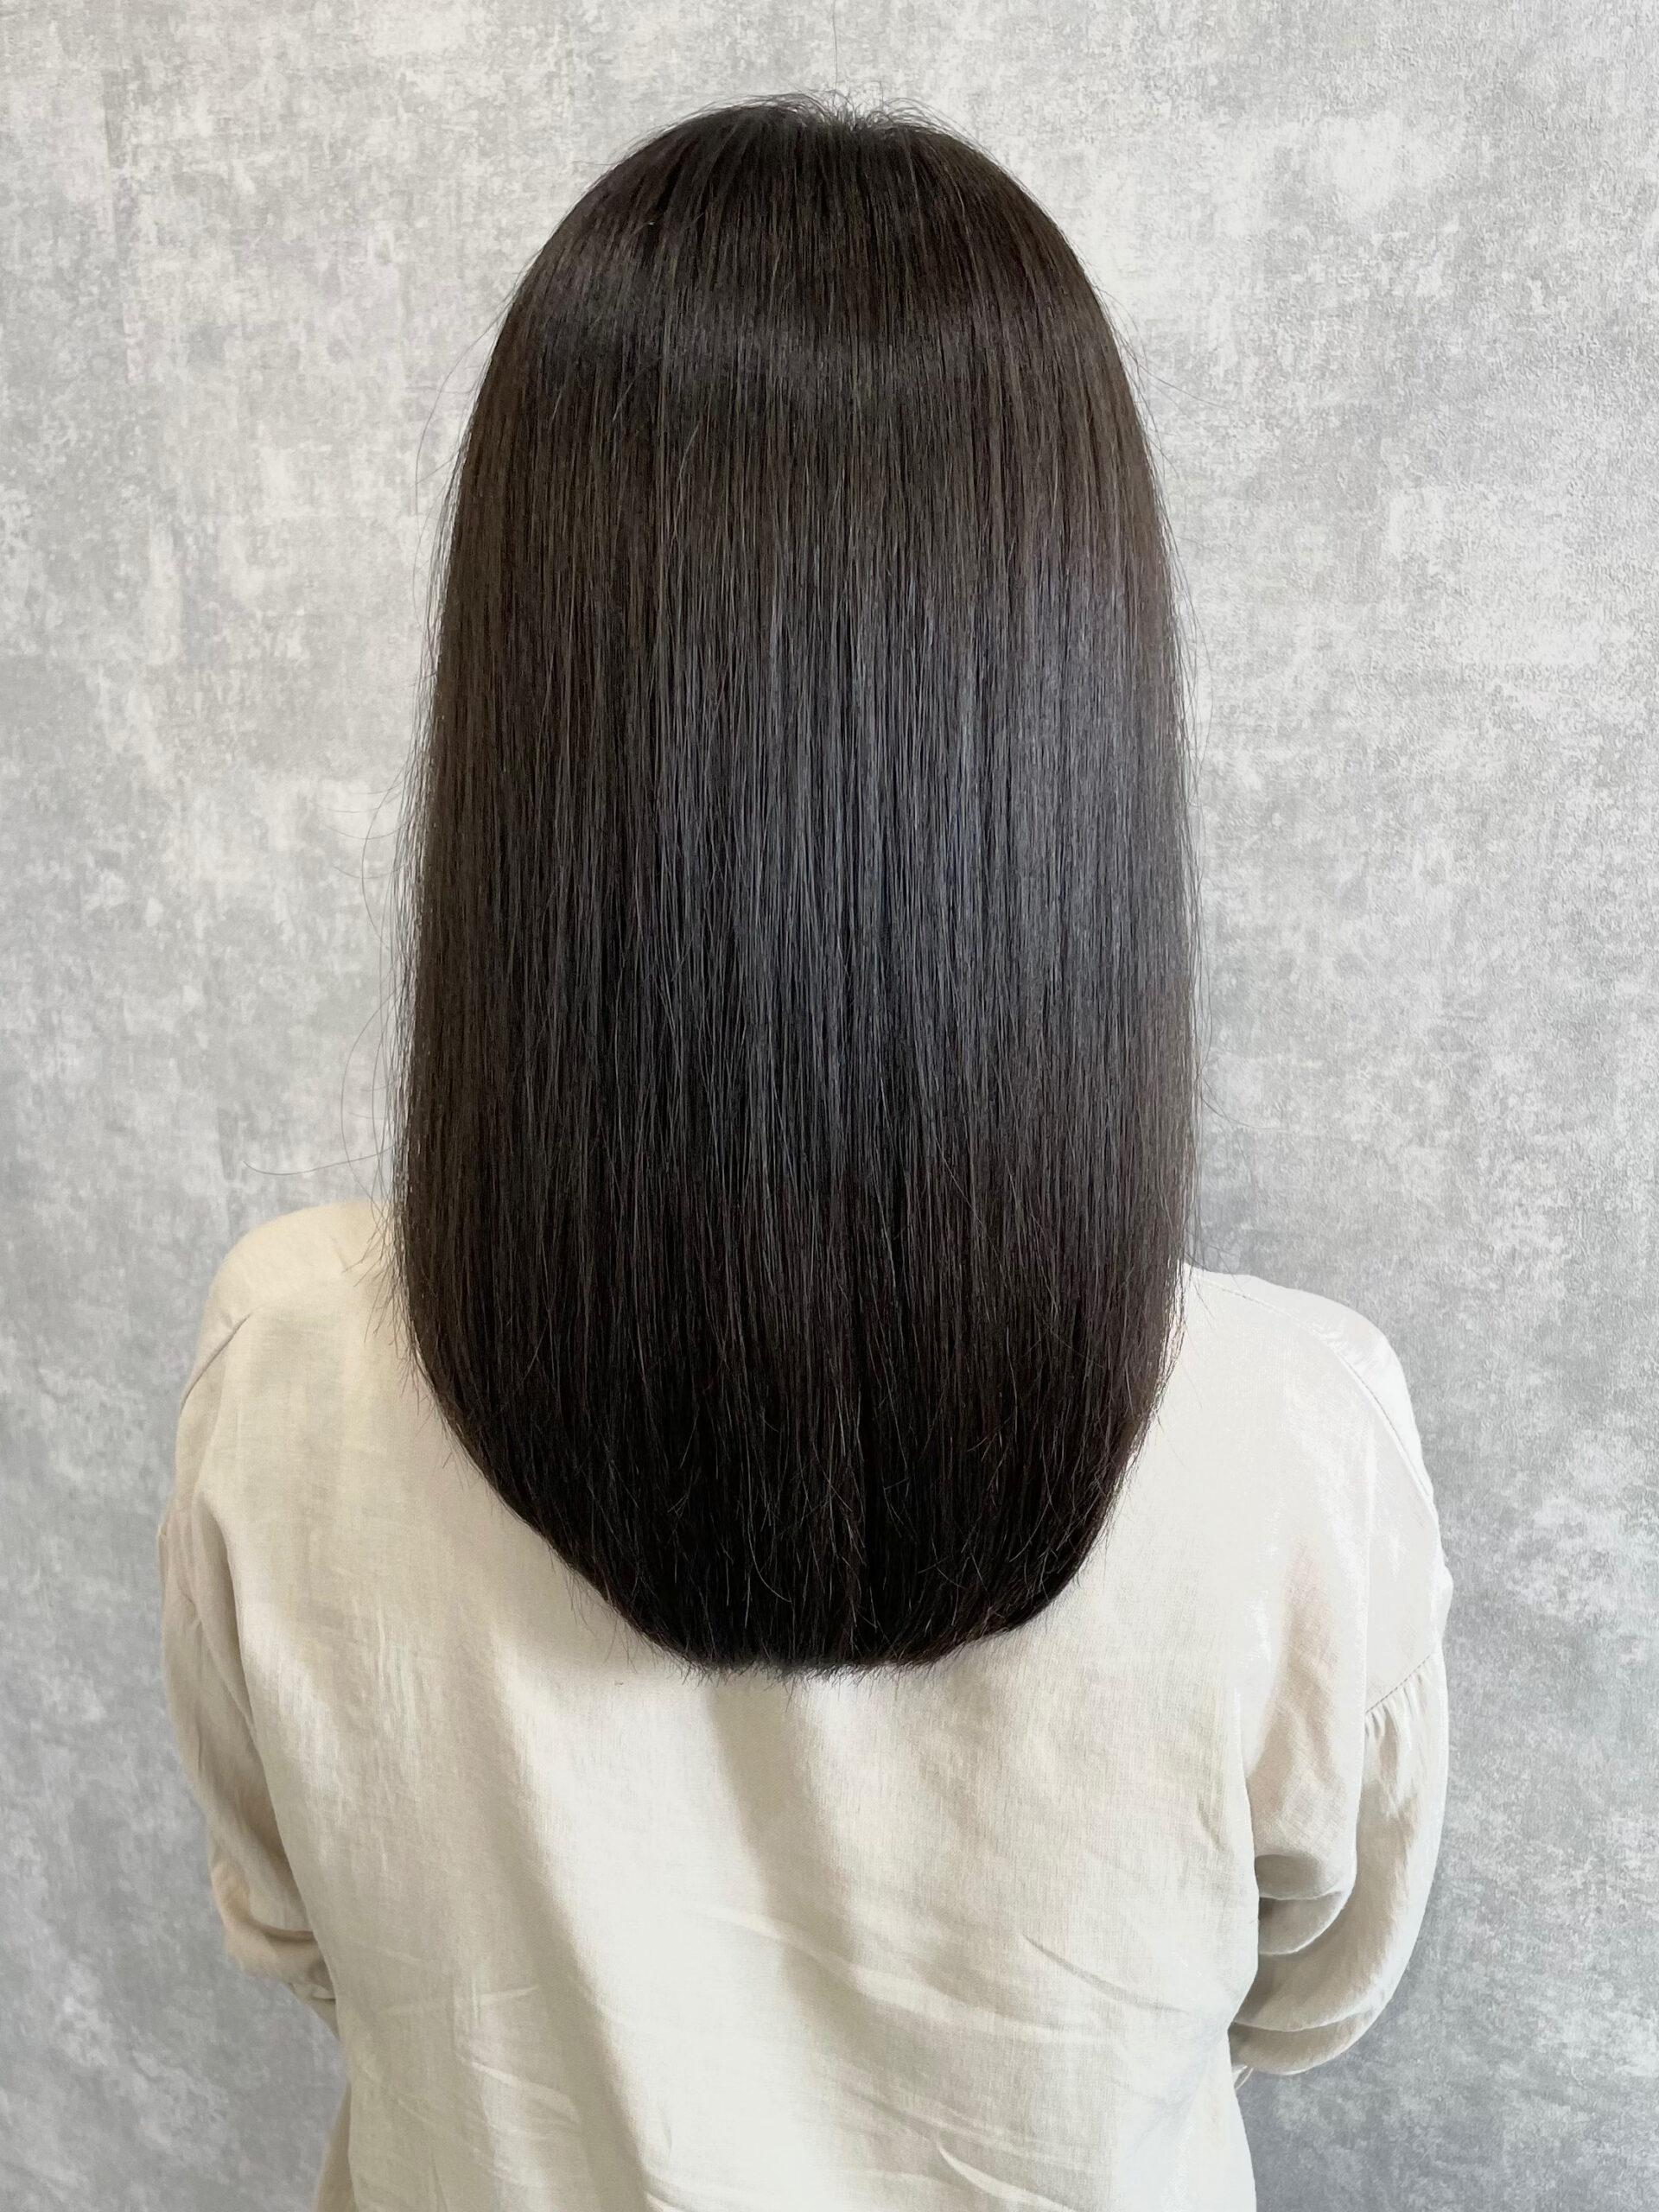 透明感のあるアッシュグレージュのヘアカラー『髪質改善トリートメント』 アフター